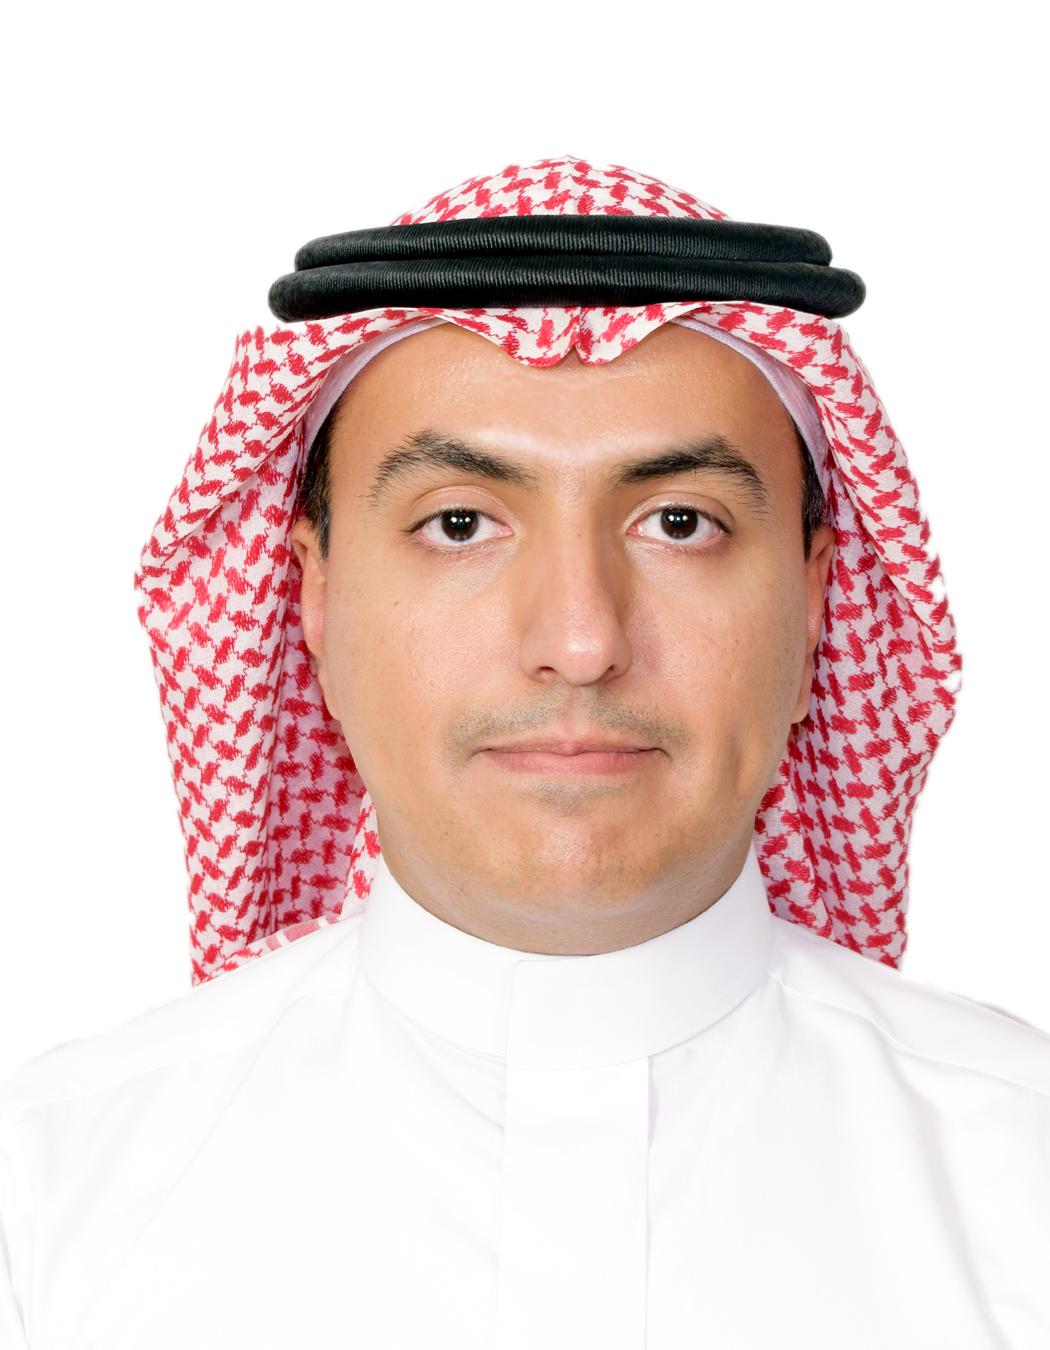 Ahmed Hamidalddin